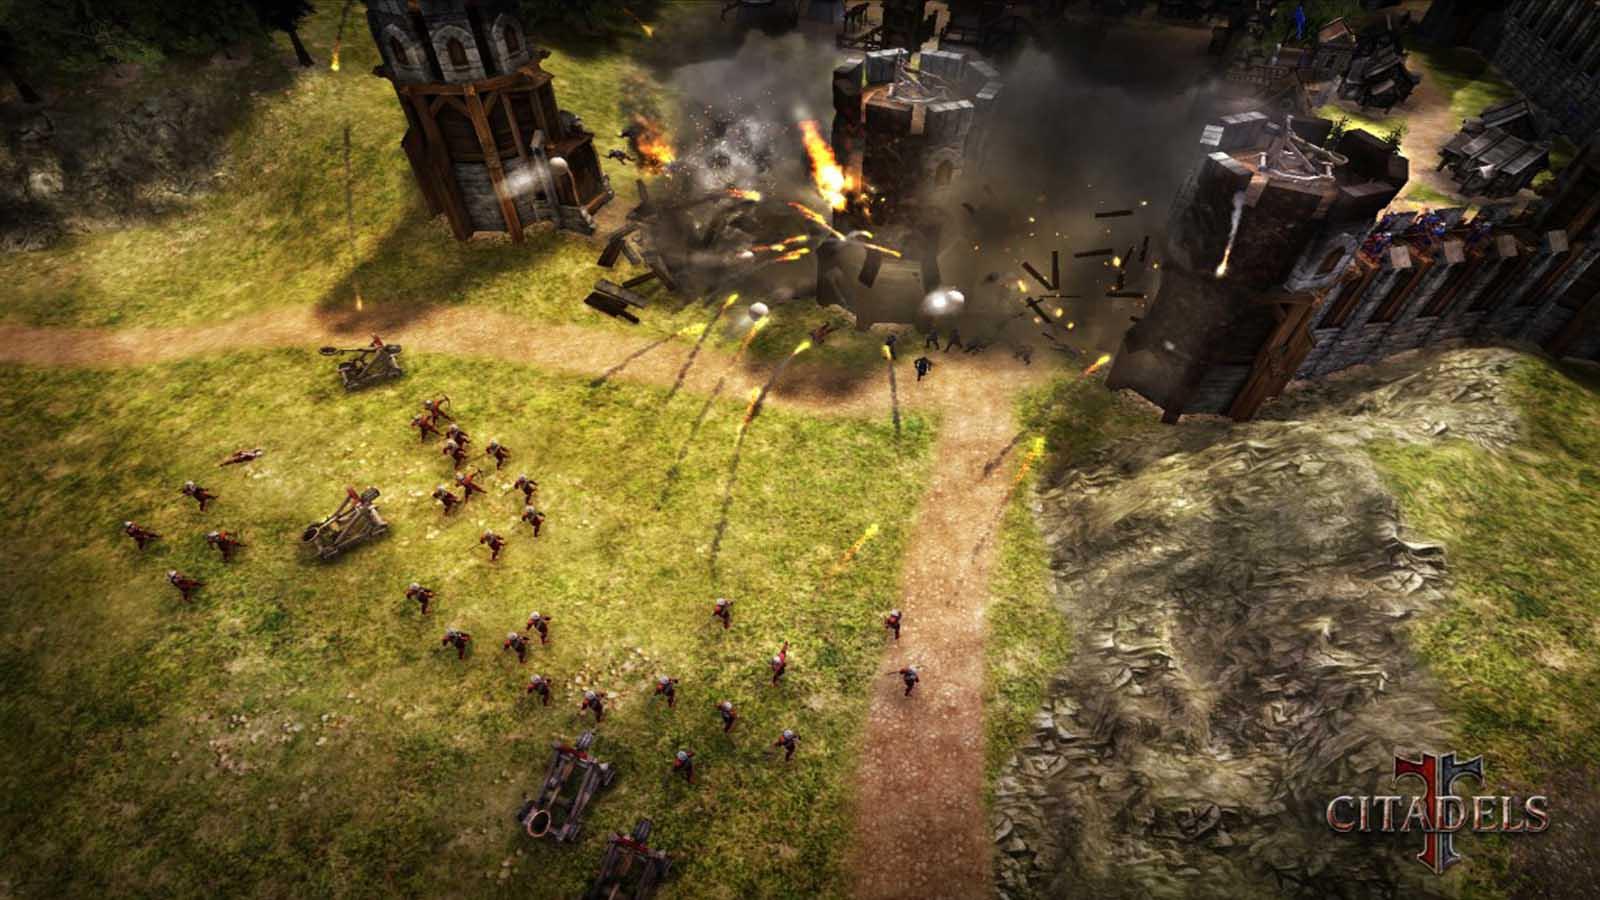 تحميل لعبة Citadels مضغوطة كاملة بروابط مباشرة مجانا